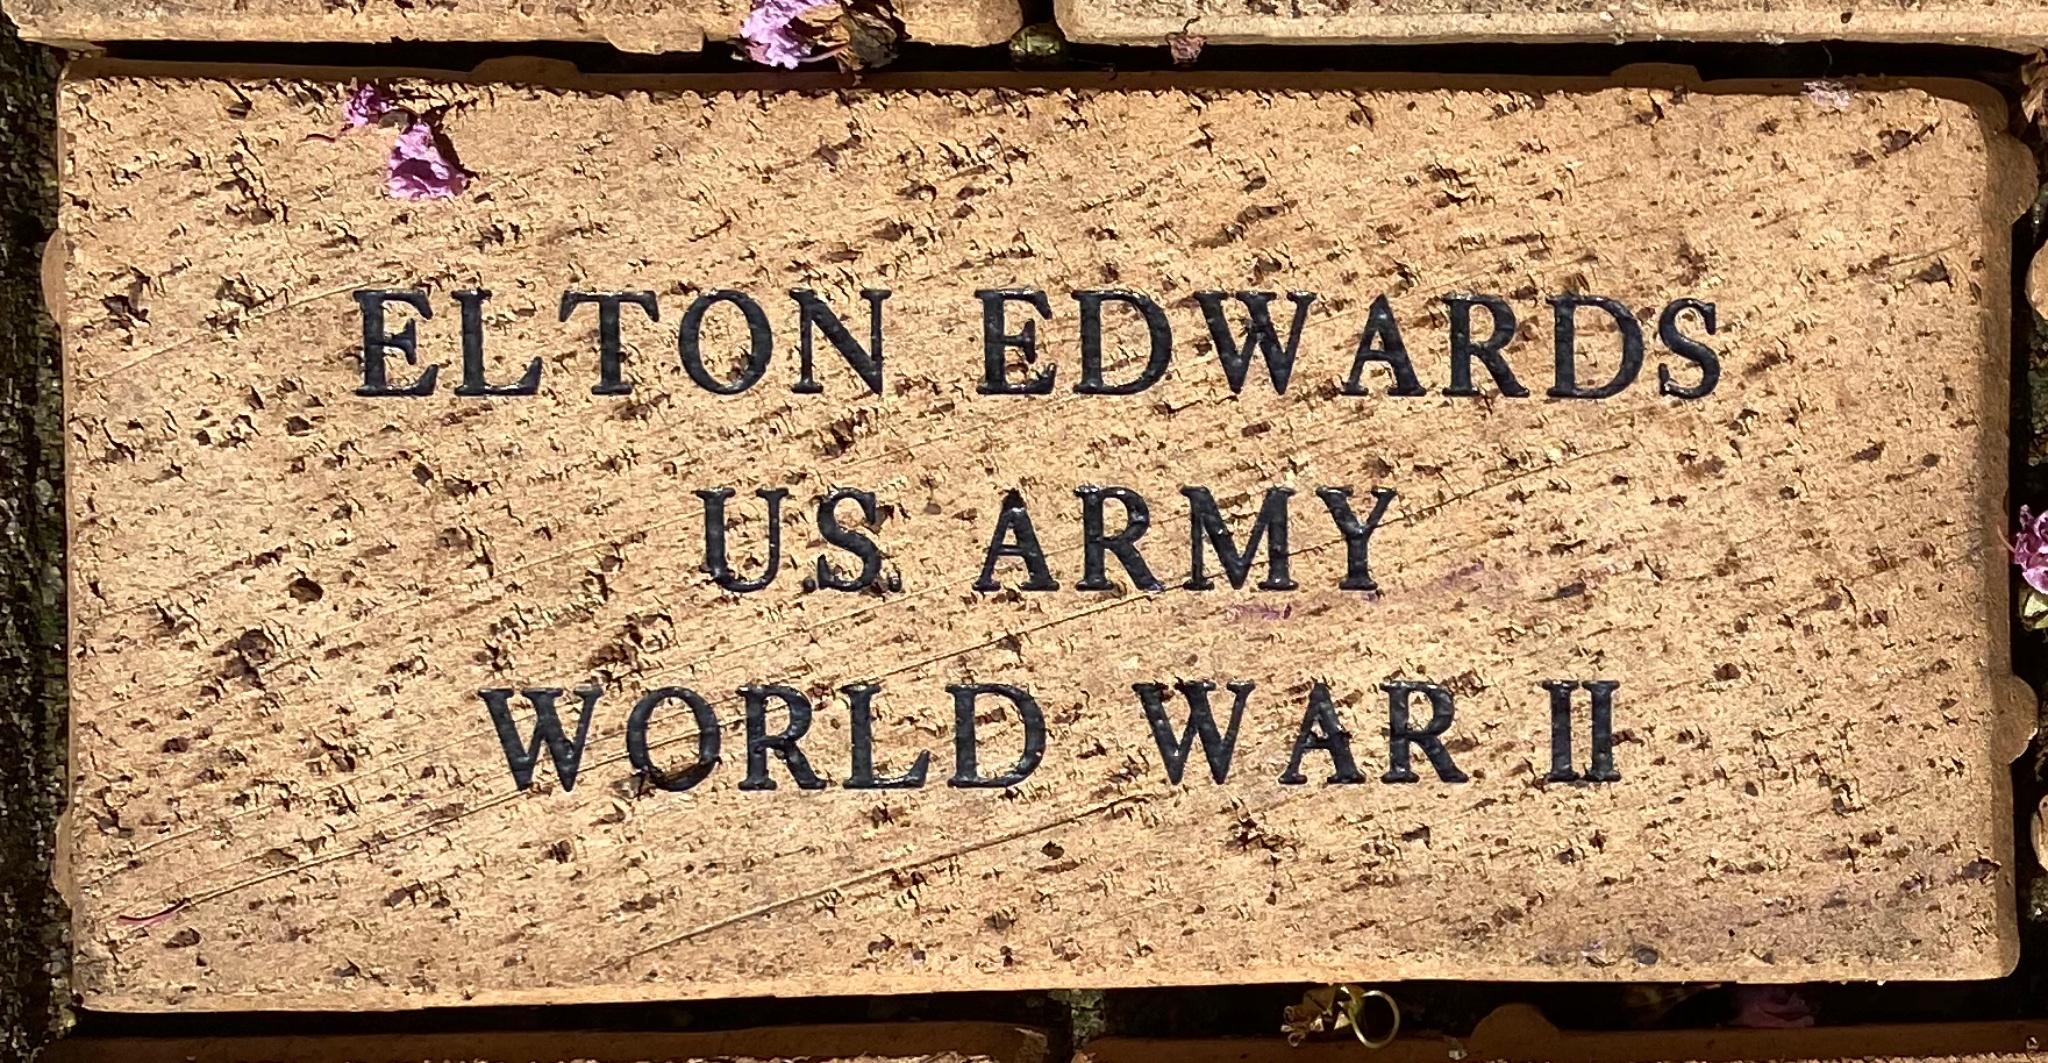 ELTON EDWARDS U.S. ARMY WORLD WAR II